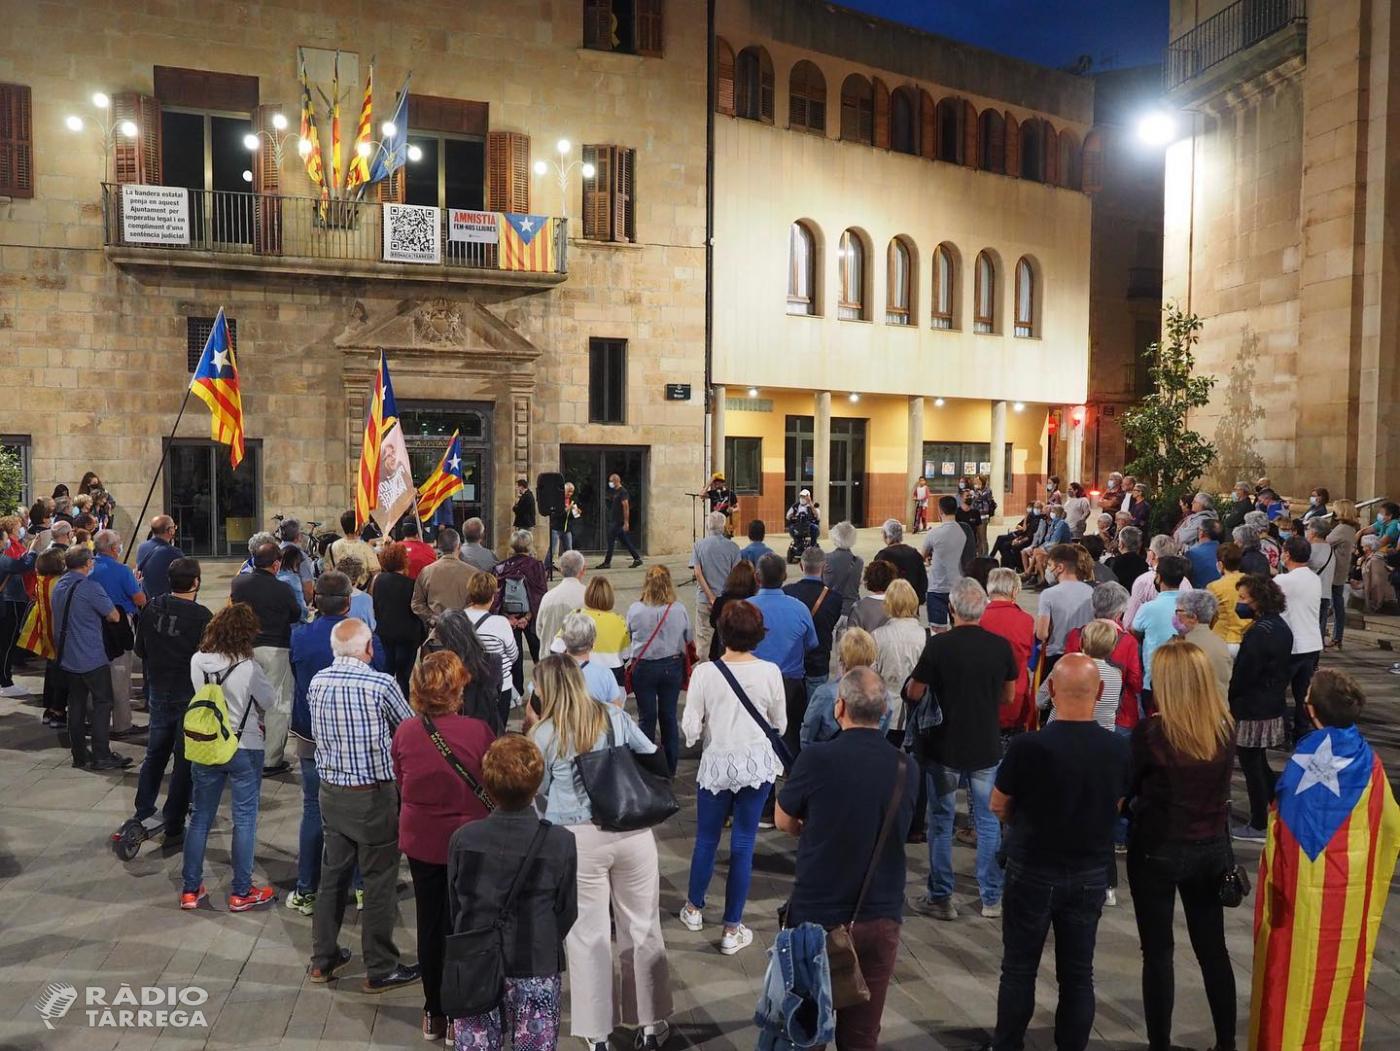 Més d'un centenar de persones es concentraven aquest divendres a Tàrrega per mostrar el seu rebuig a 'la repressió continua que viuen els líders independentistes'